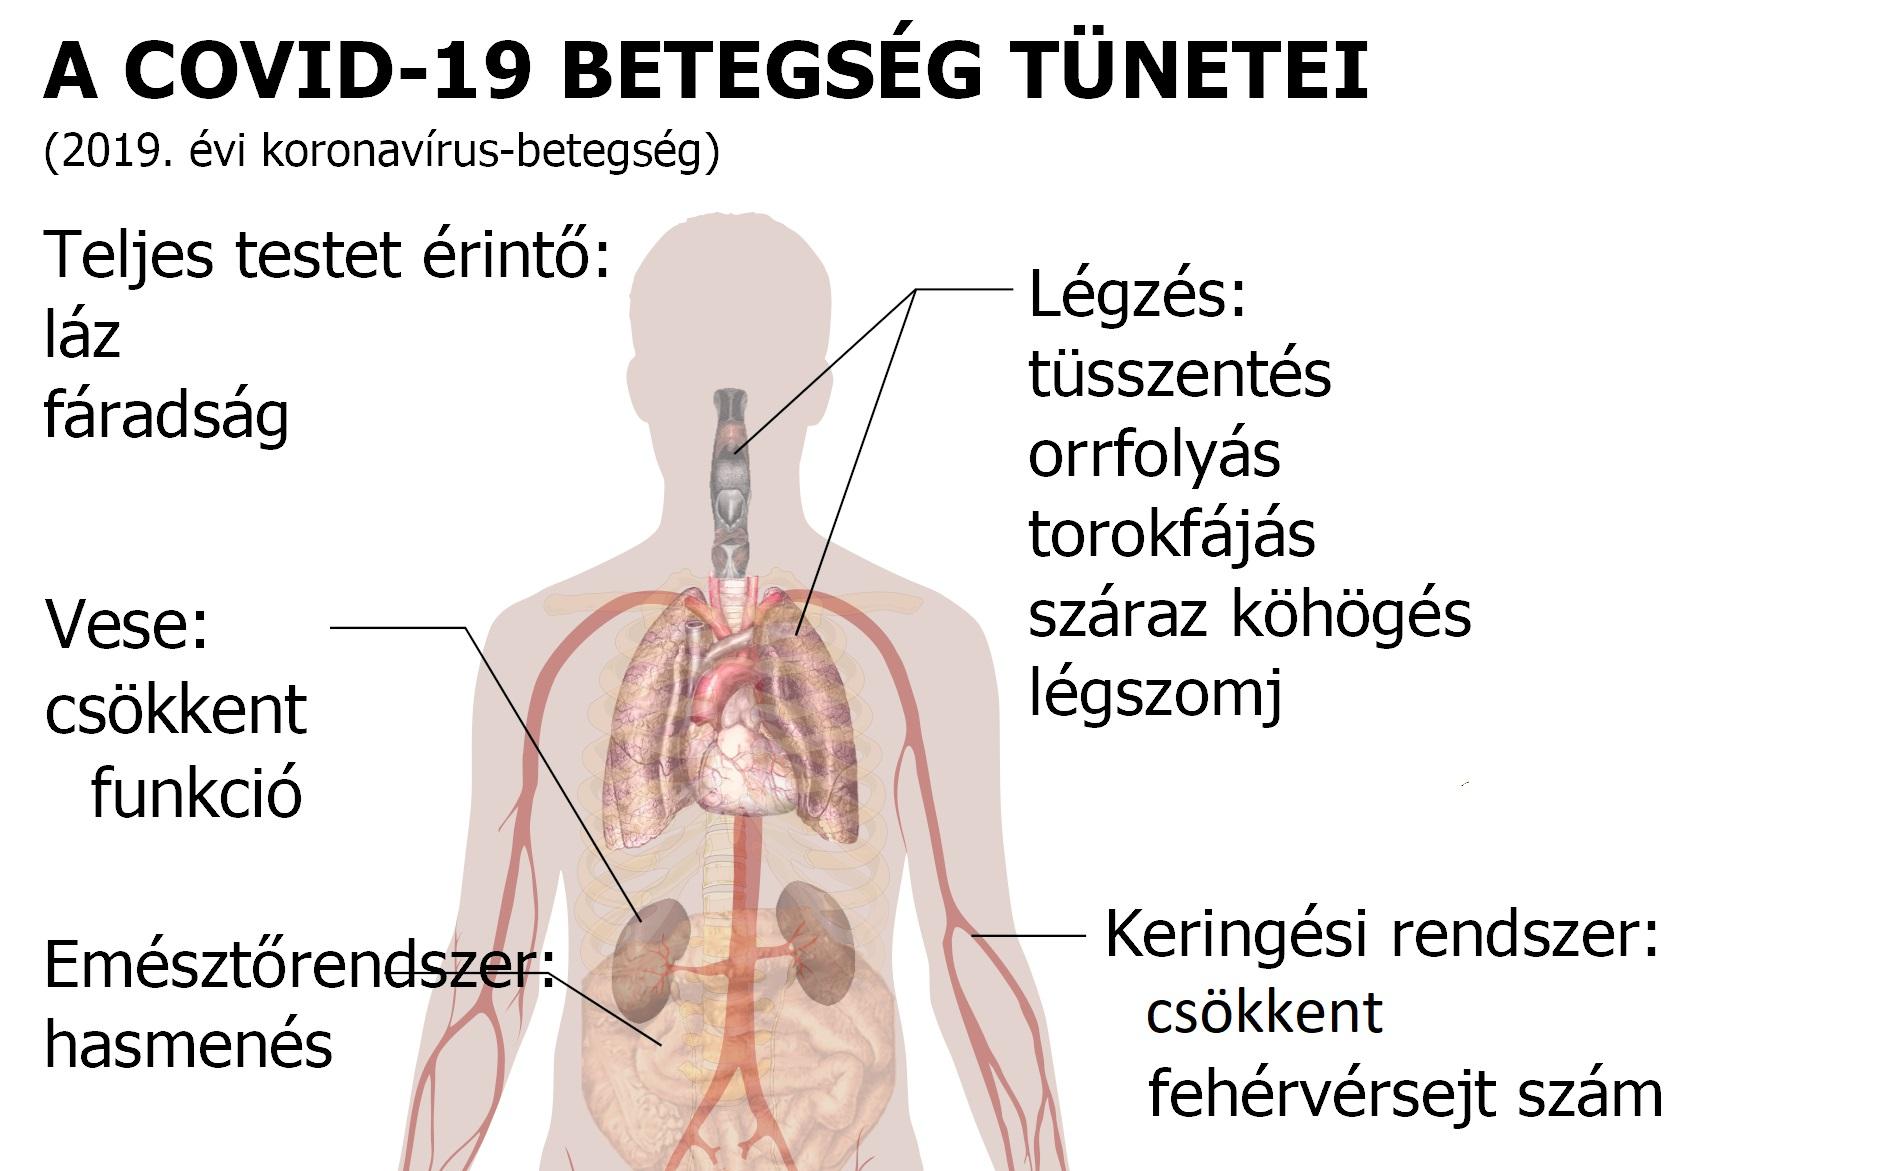 az emberi test parazitáinak tünetei, mint kezelése